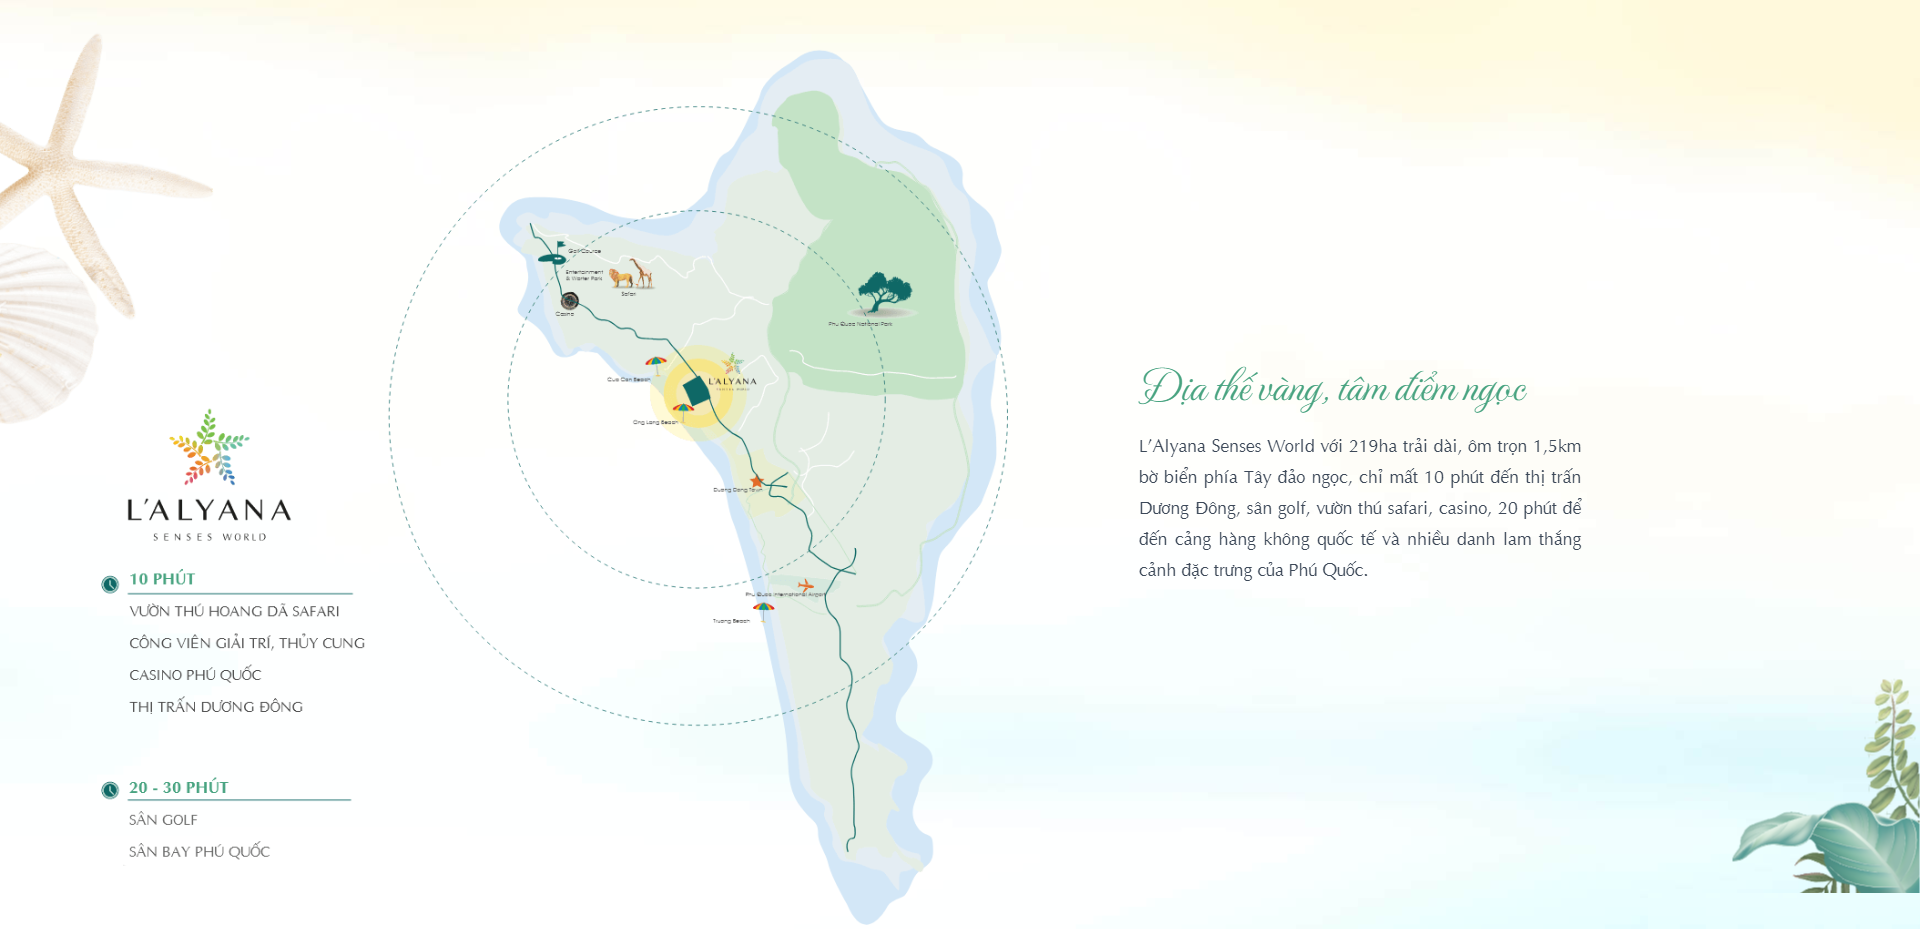 Dự án Biệt thự Furama Resort & Spa – L'Alyana Senses World Phú Quốc